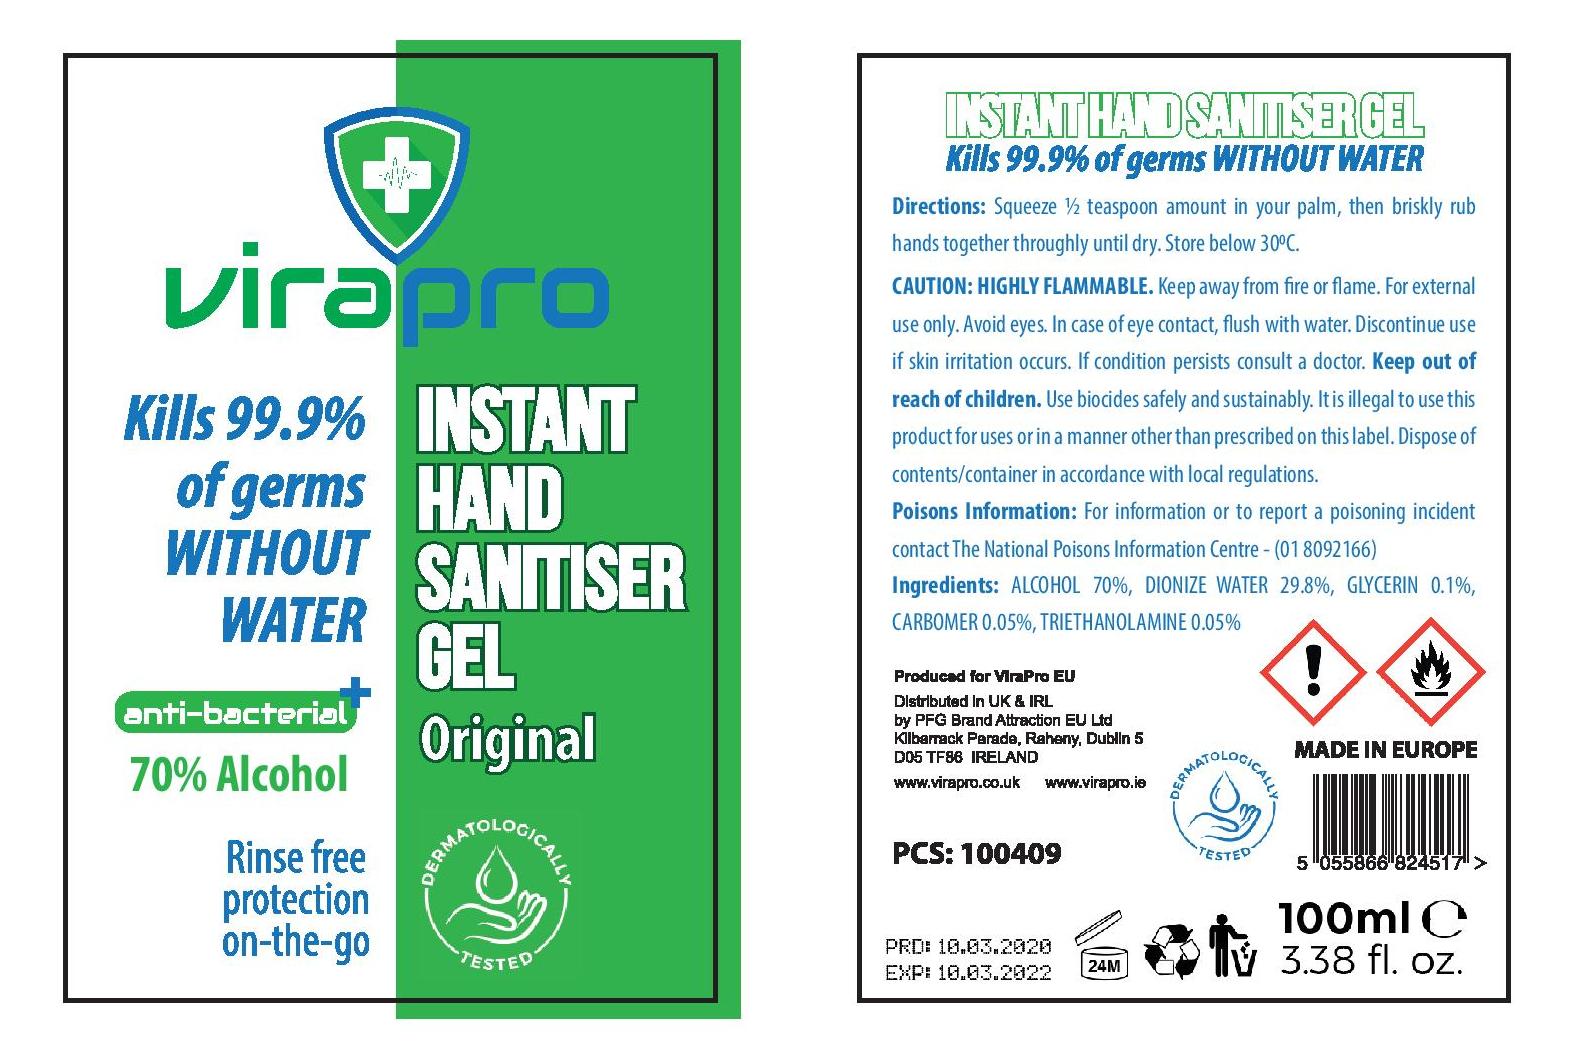 ViraPro Hand Sanitiser label